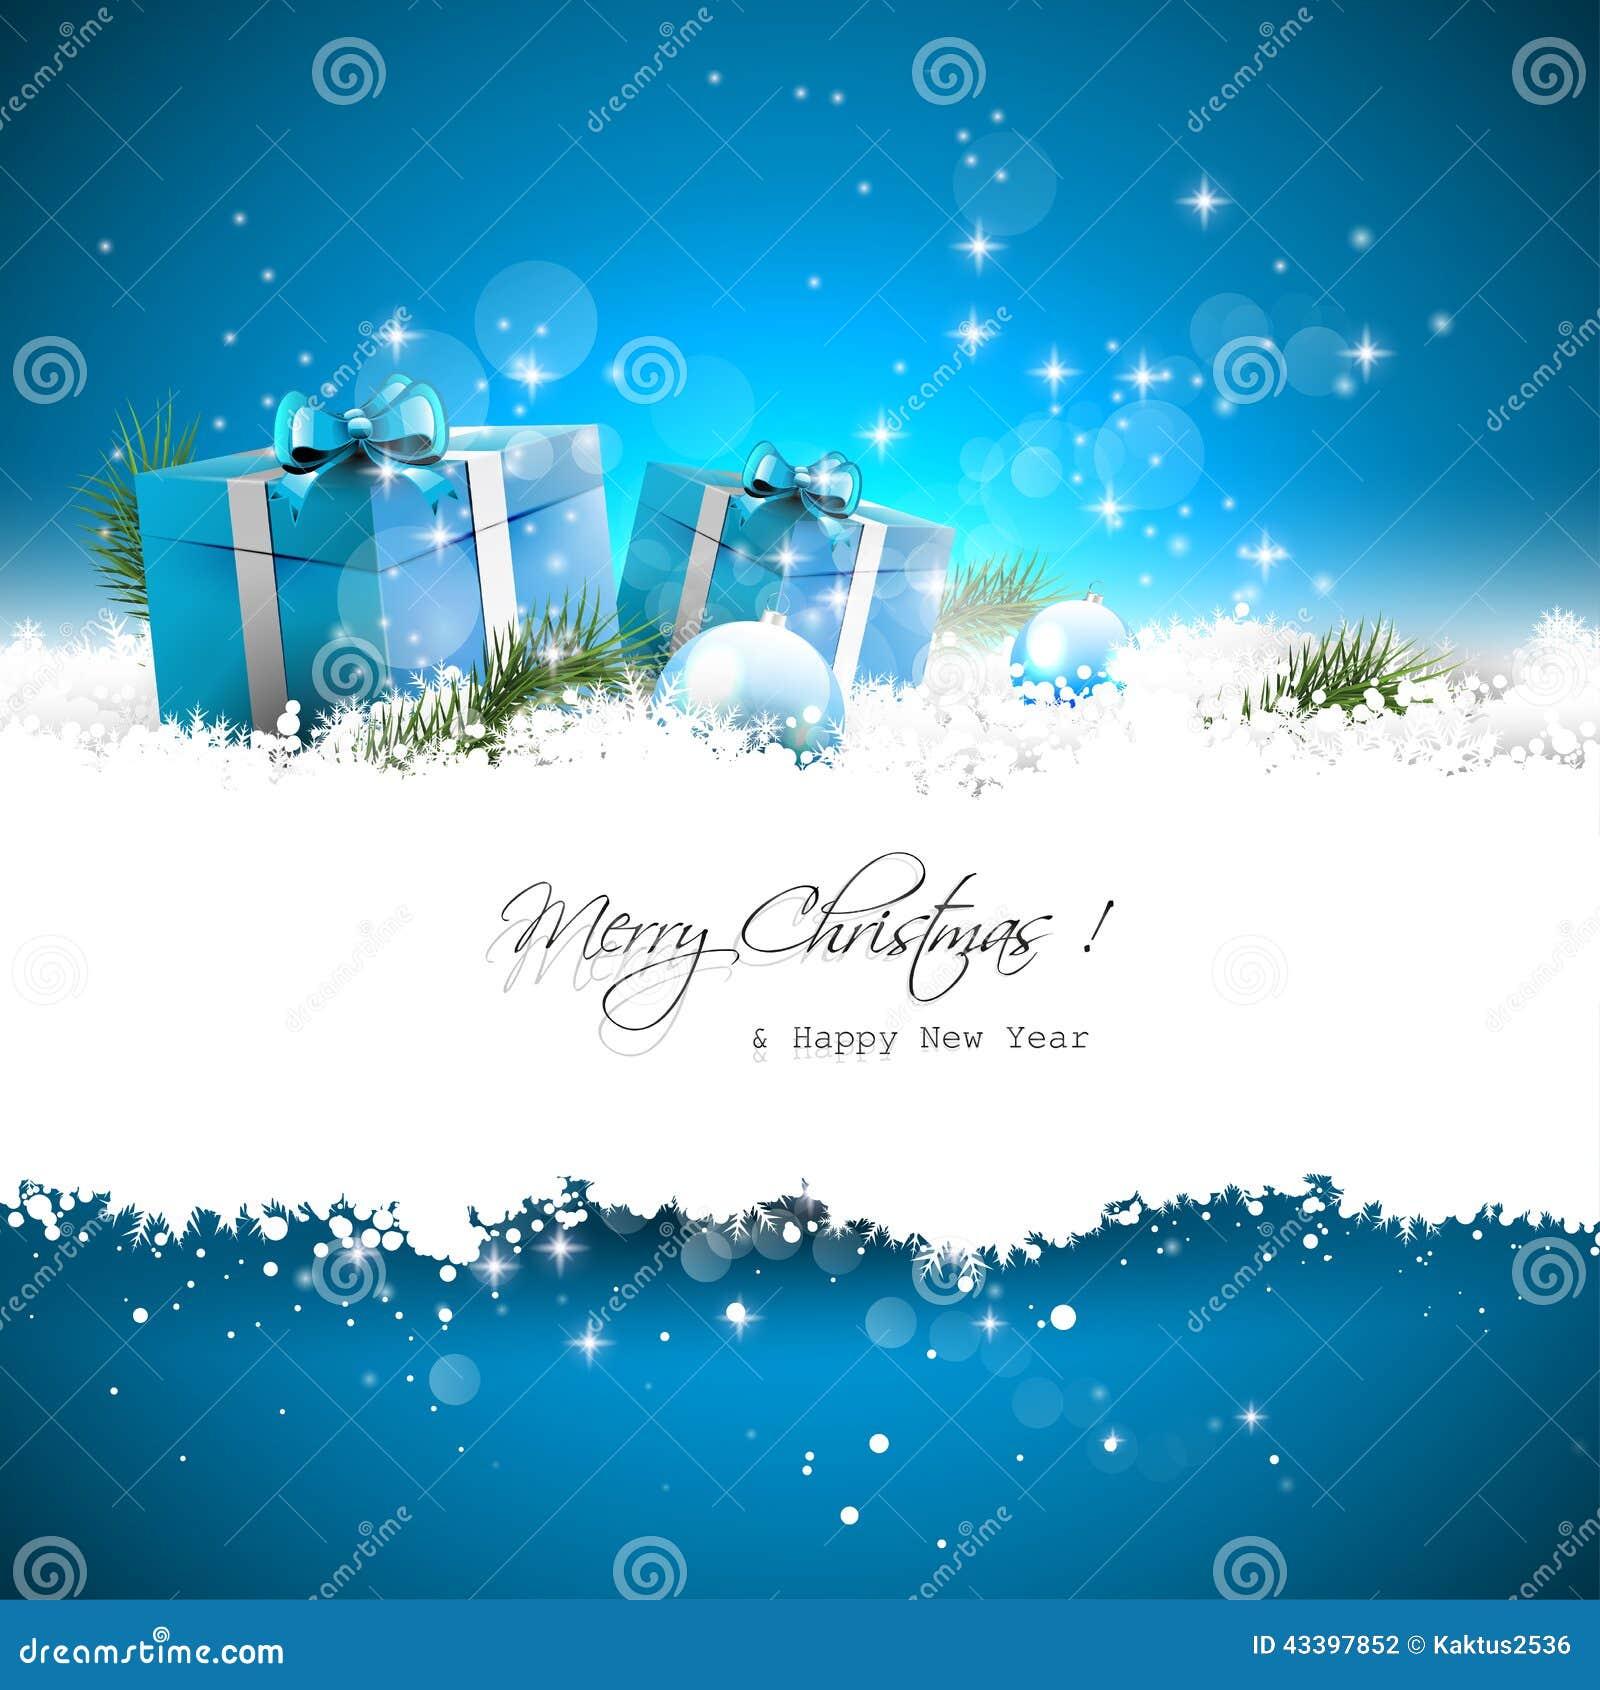 蓝色看板卡圣诞节问候